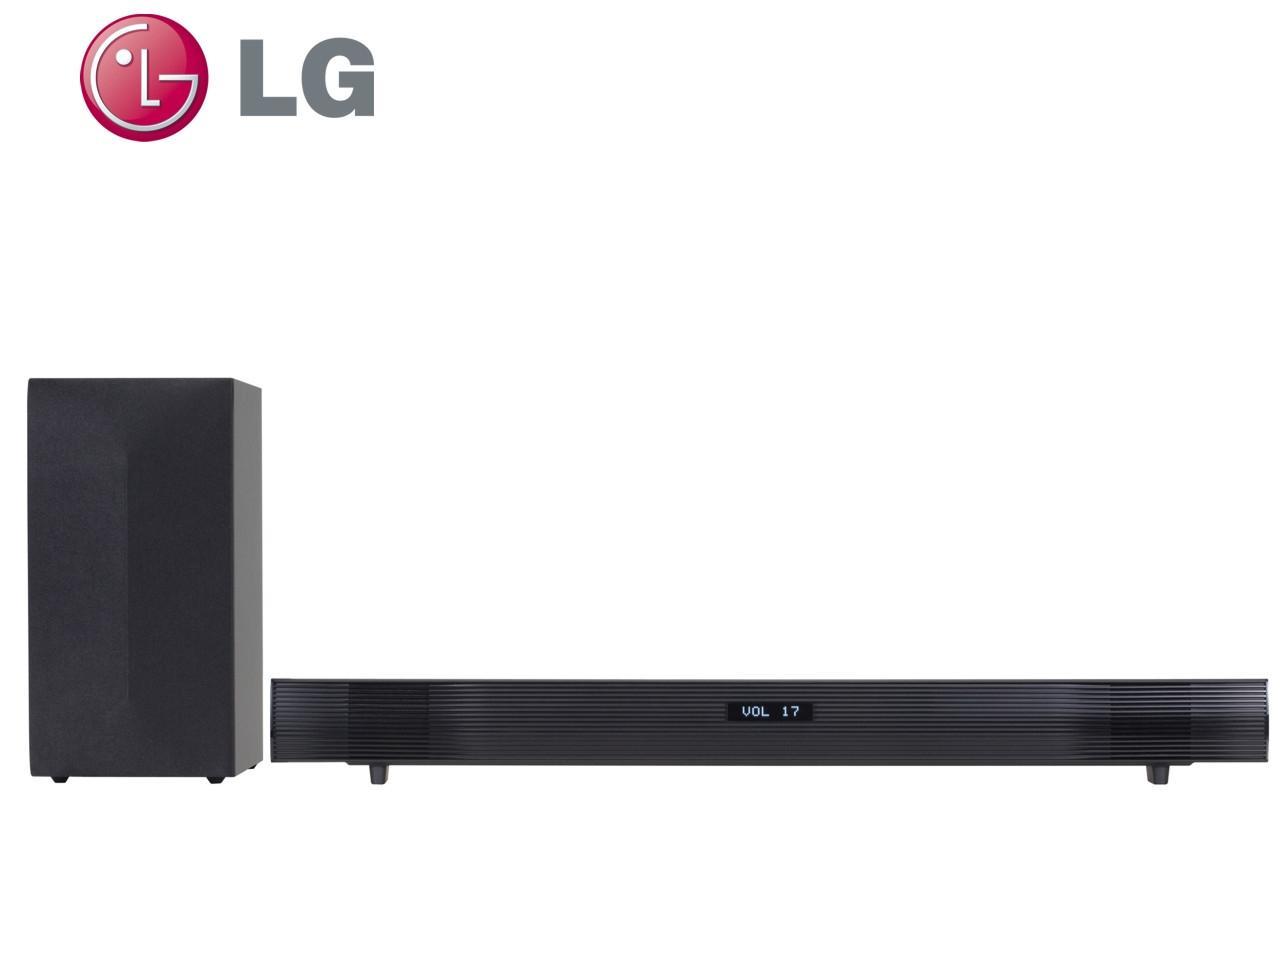 LG LAC550H (ekv. model LAS550H)